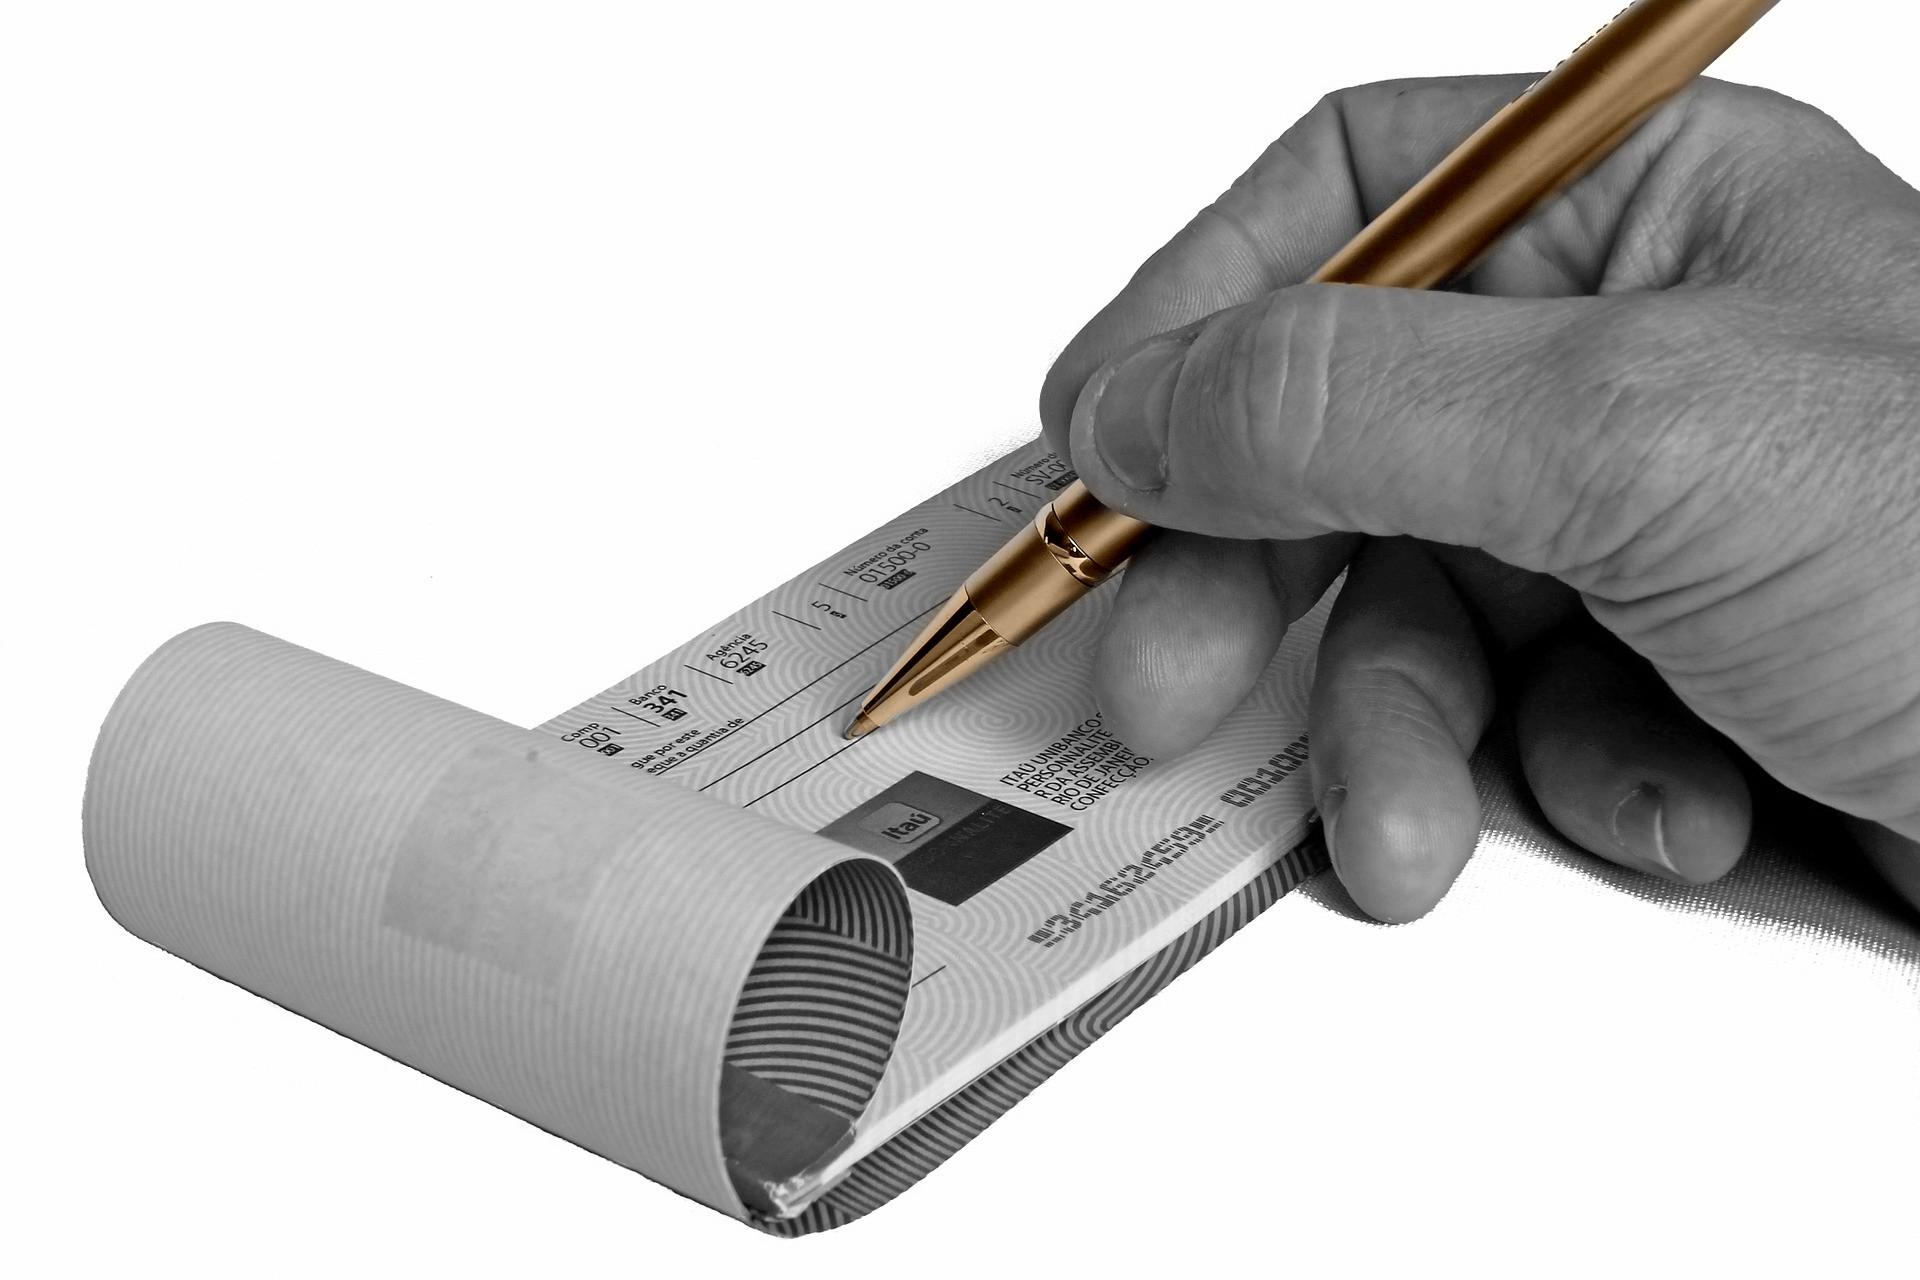 Falsificazione di assegni: reato o no?